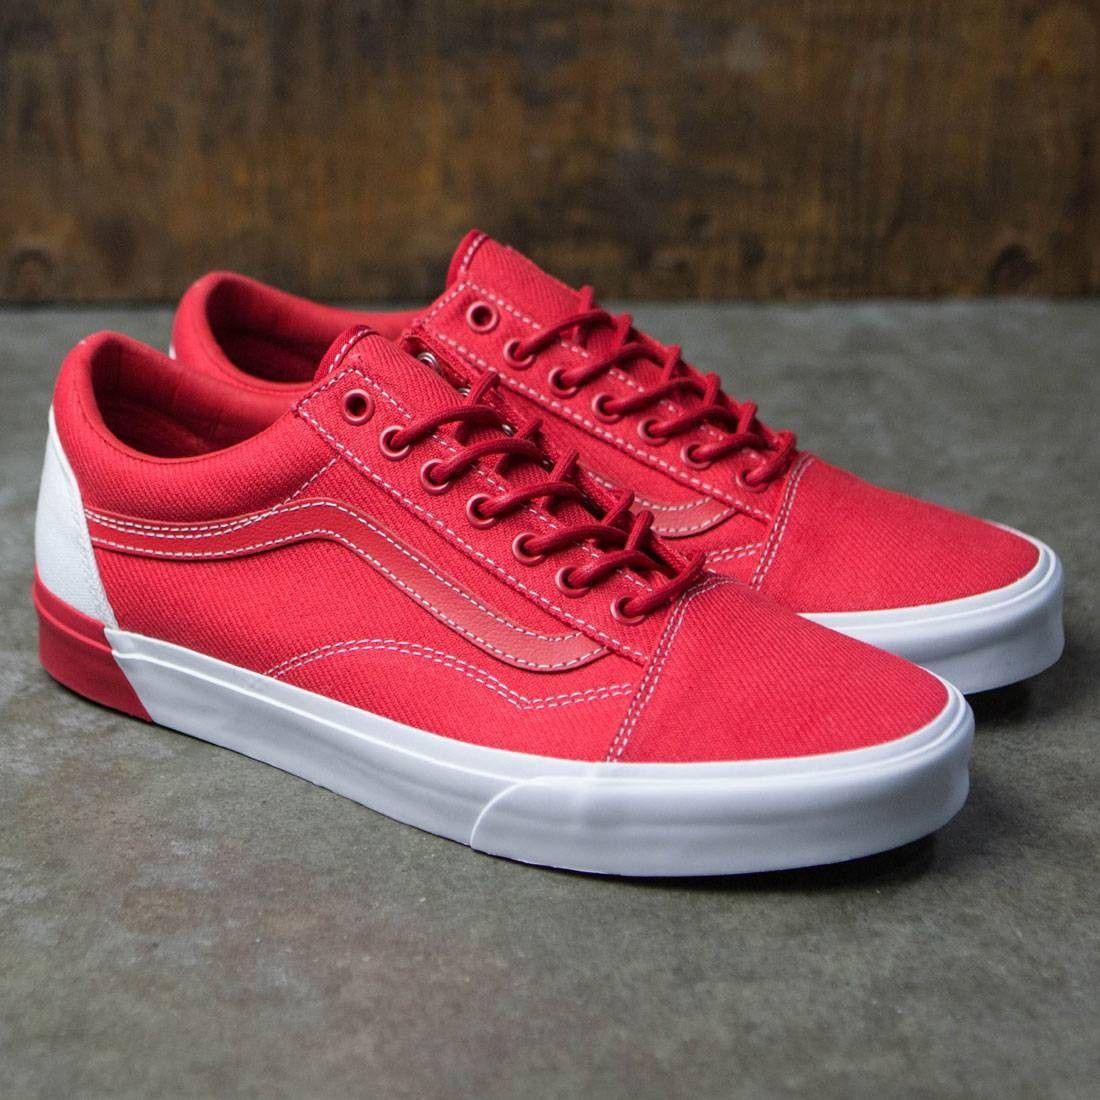 68a0cce556d  VansShoes Vans Men Old Skool DX - Blocked (red   white)